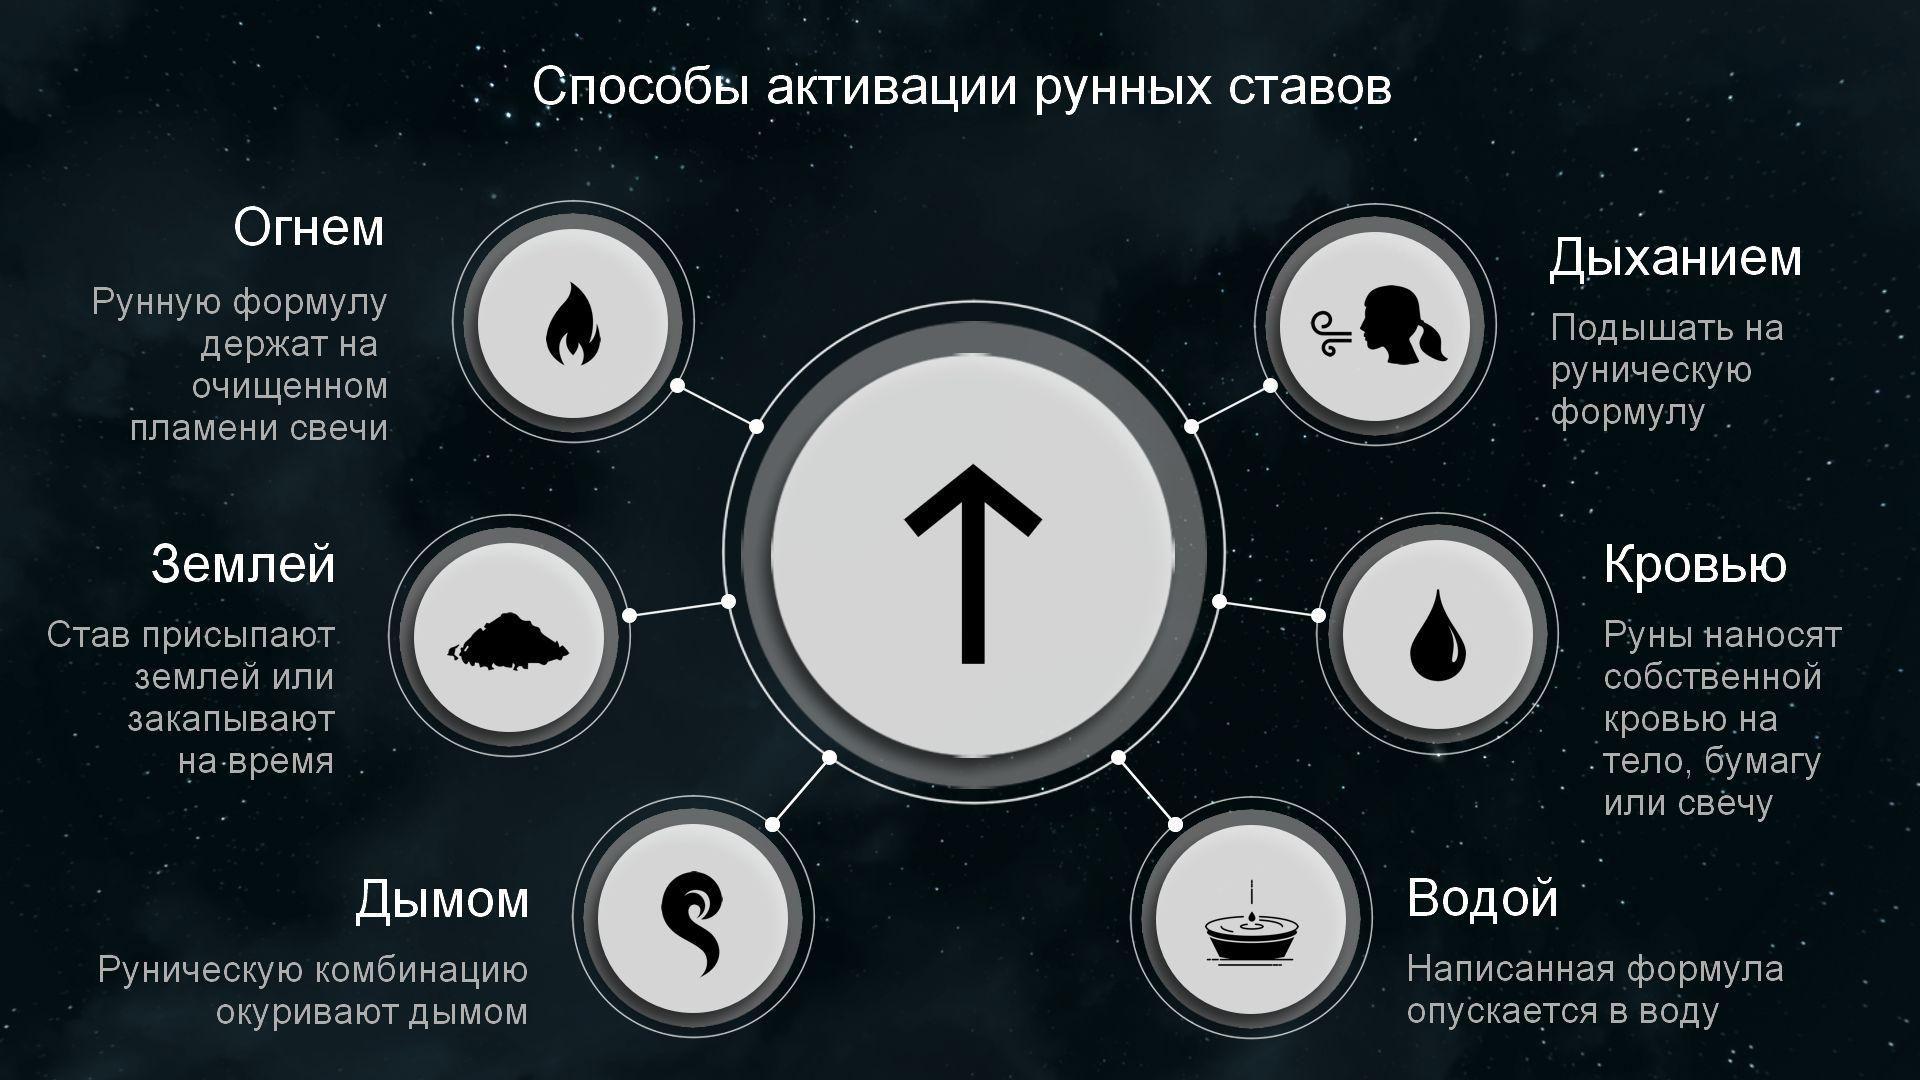 Способы активации рун